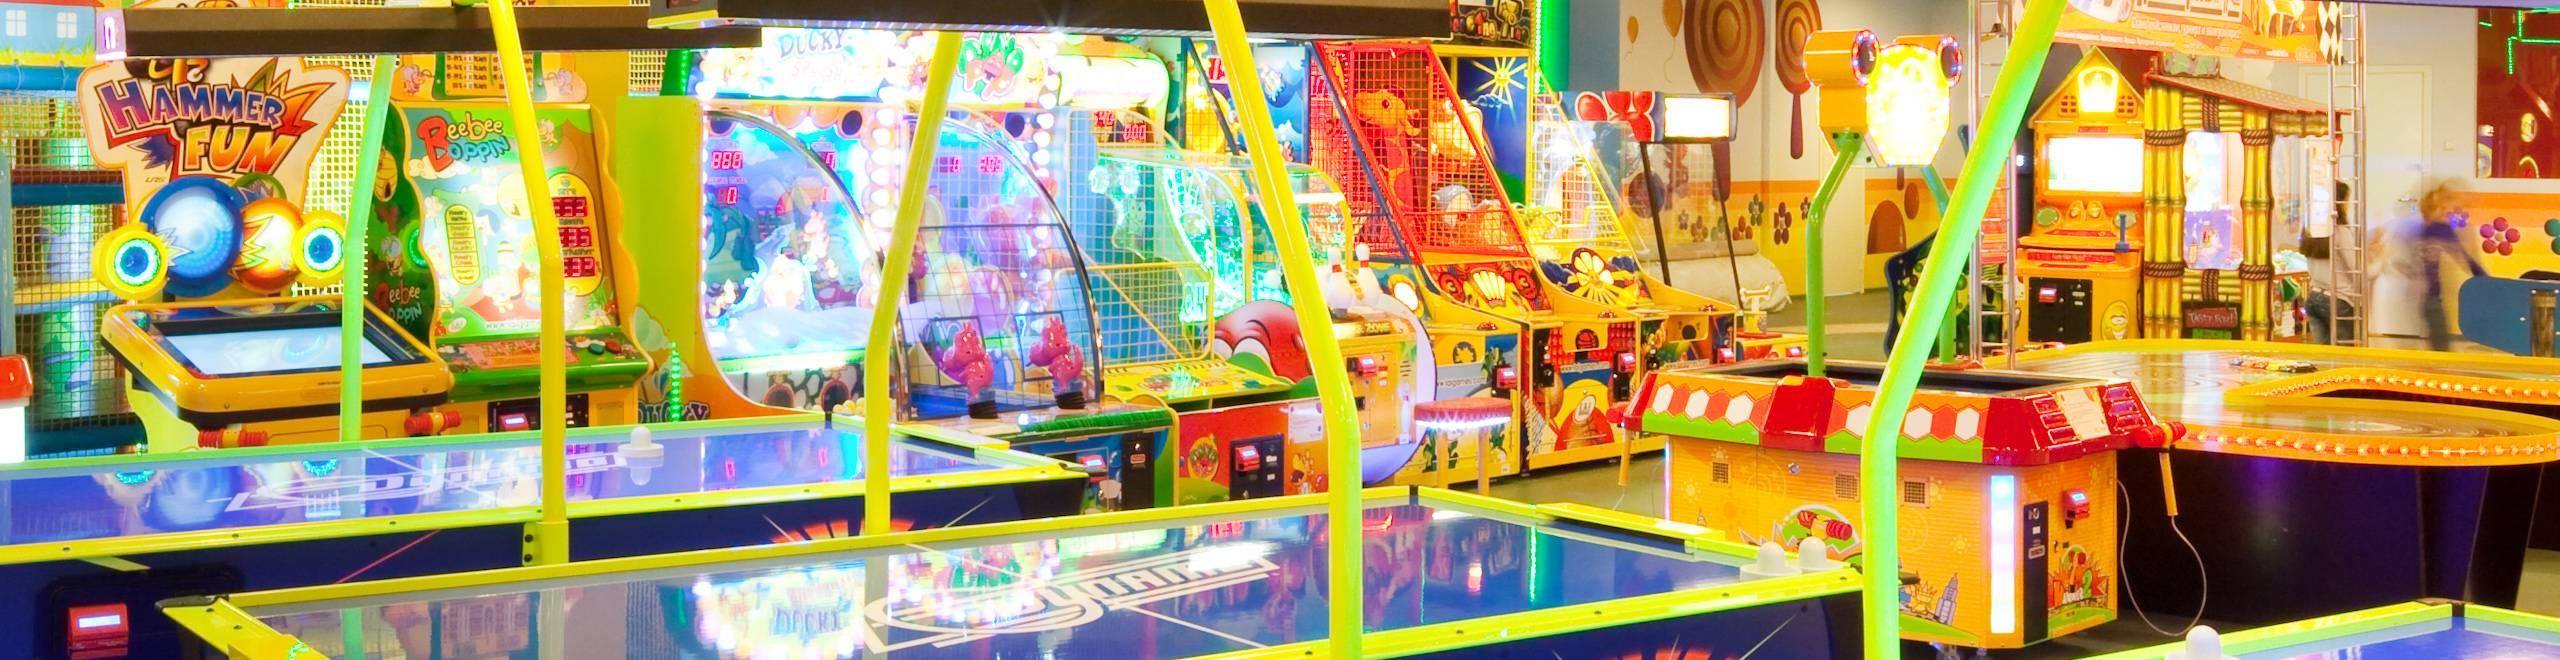 Детские игровые автоматы все для детского развлечения автоматы резидент бесплатно онлайн